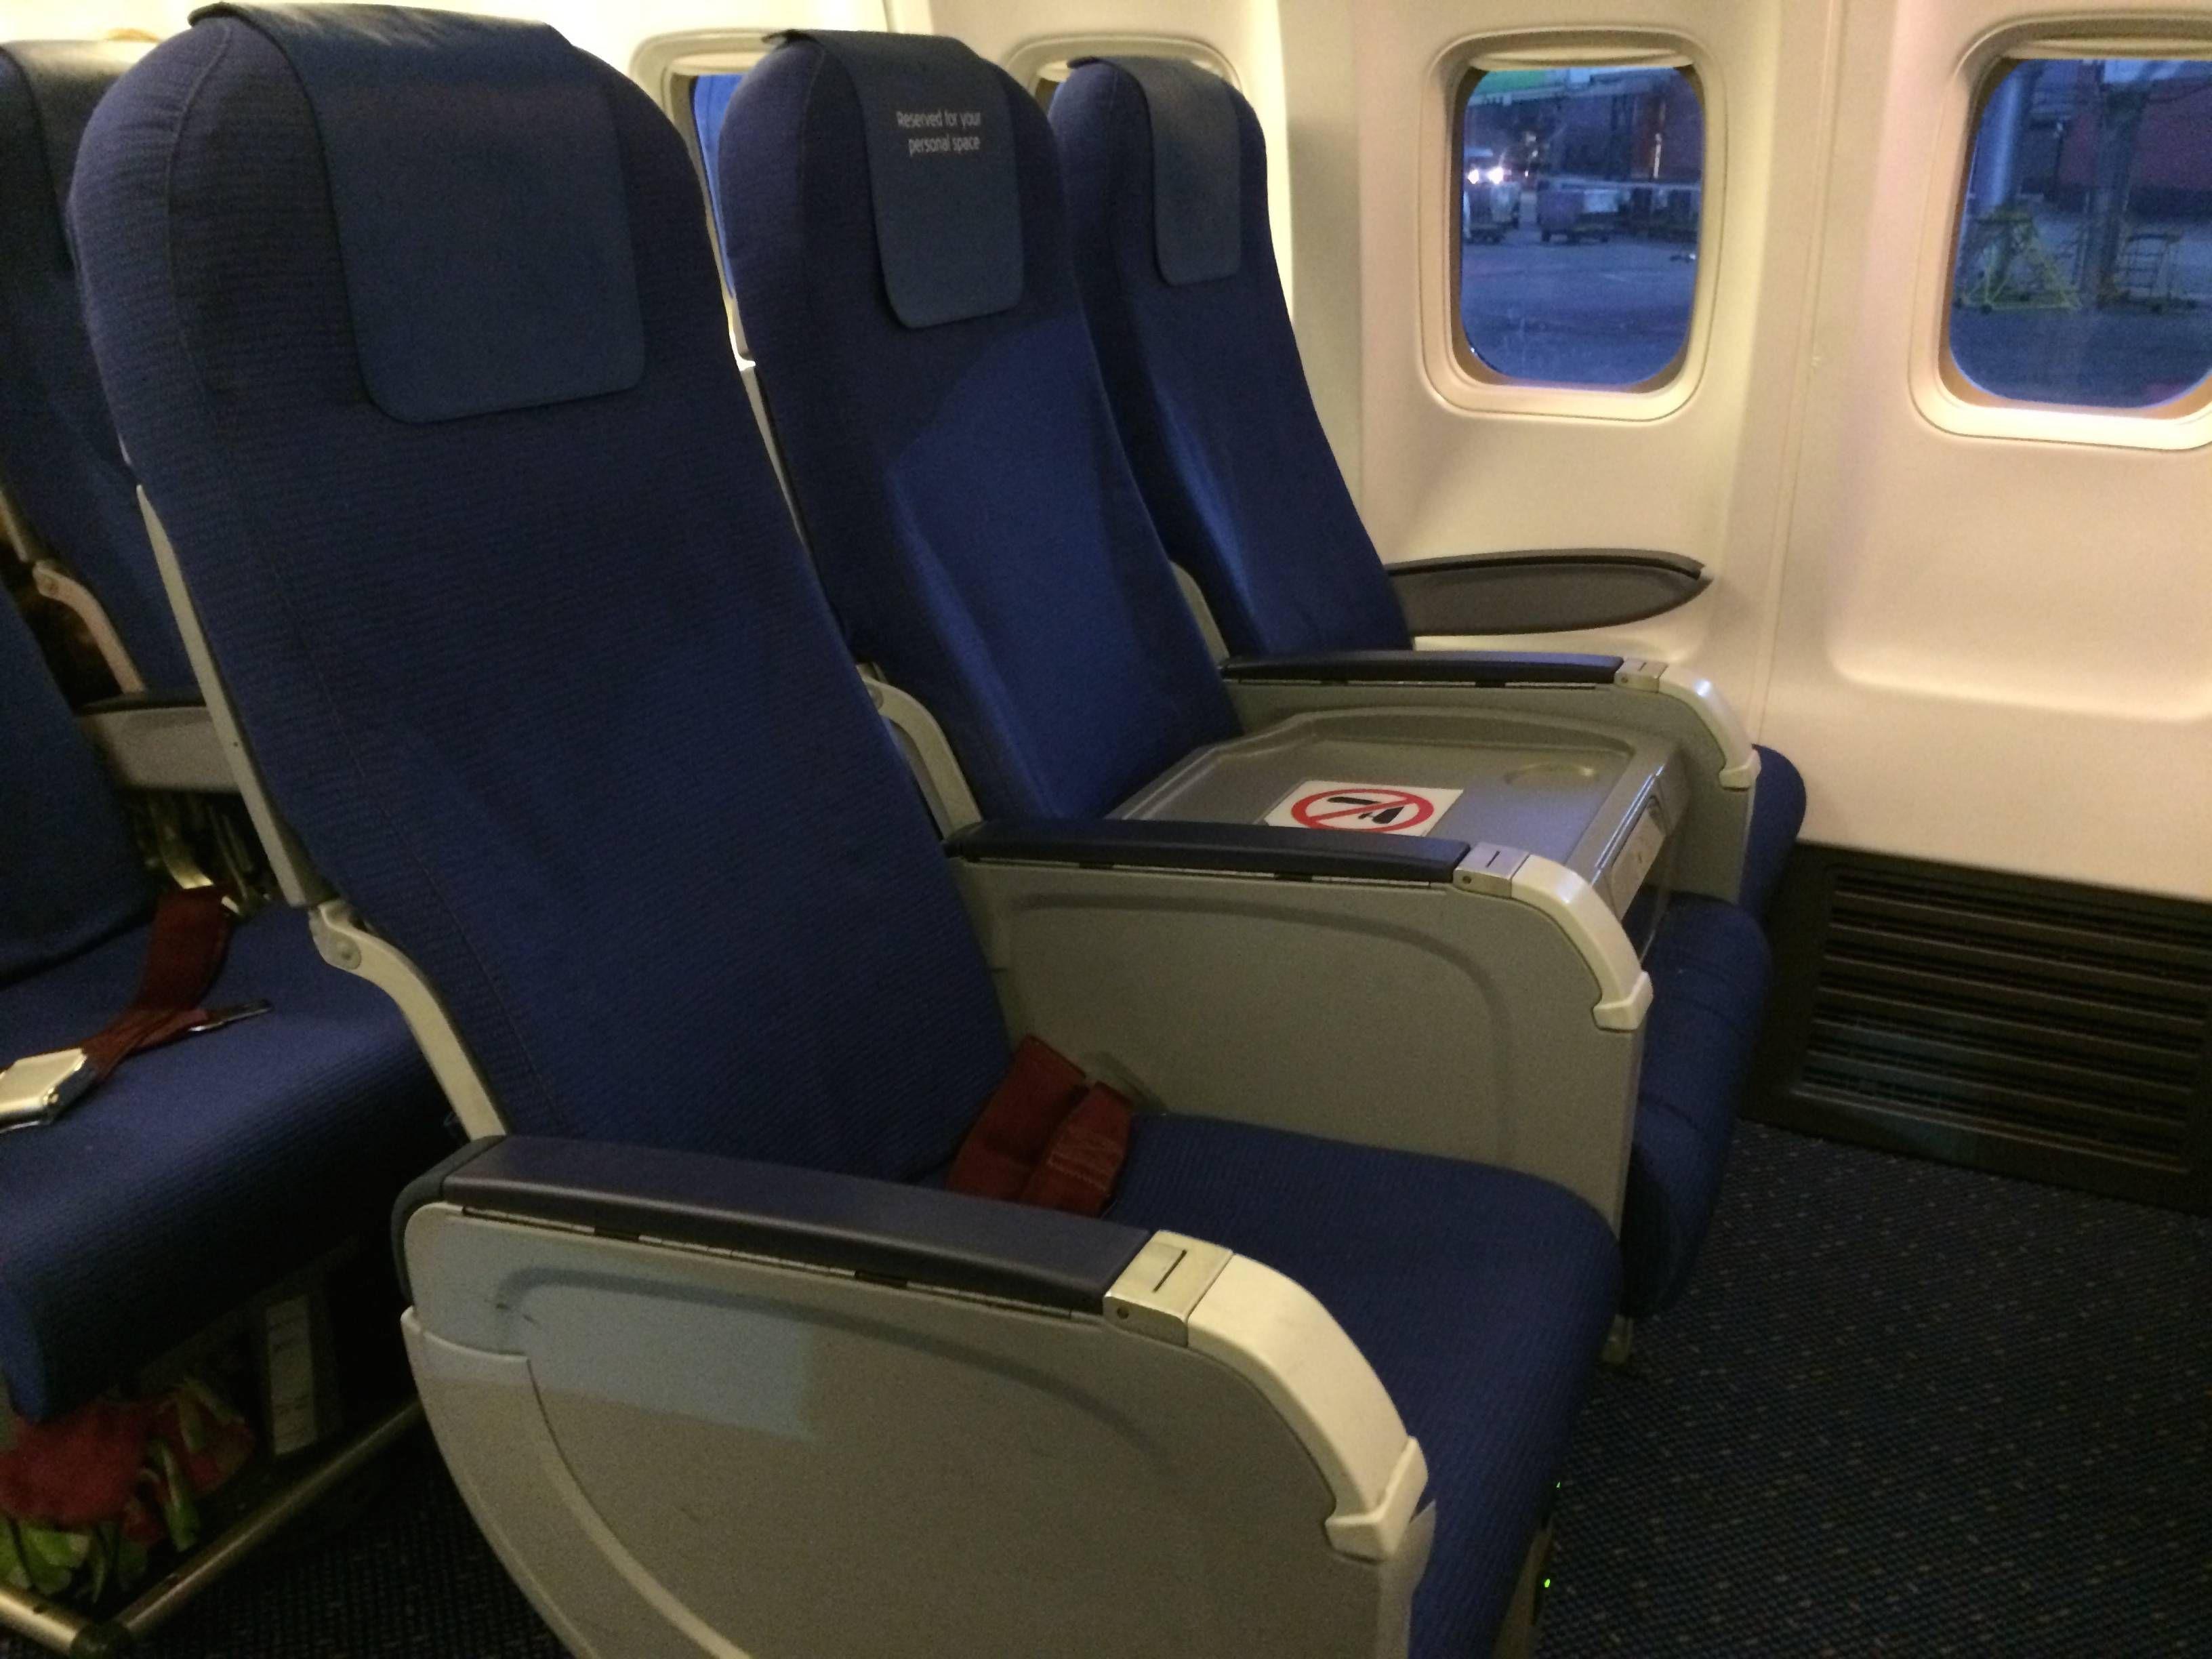 KLM B737 BUSINESS CLASS